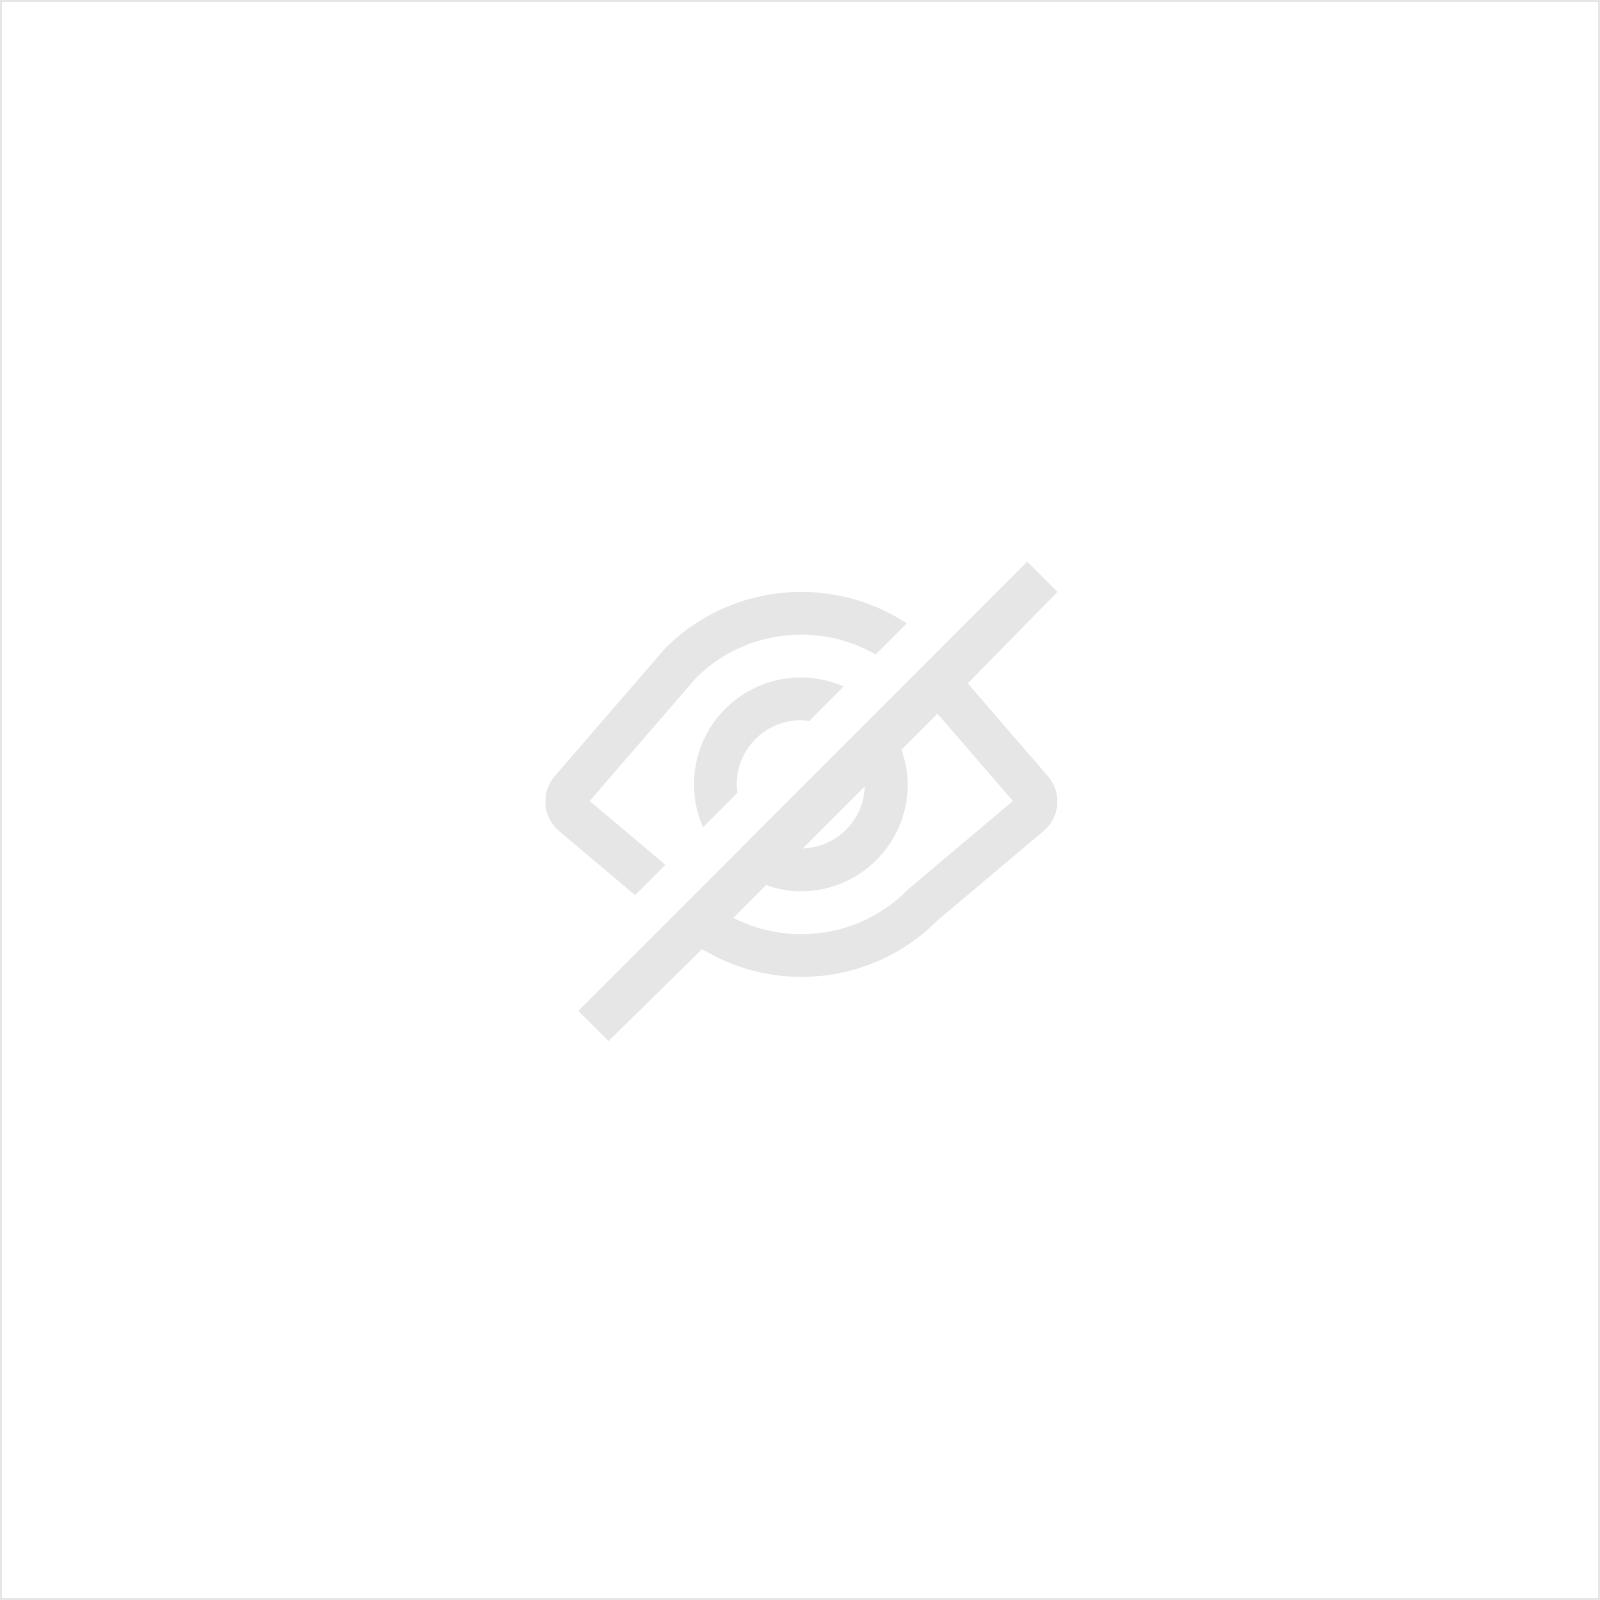 OUATOR EDELMETALEN / GLANS KATOEN 75gr